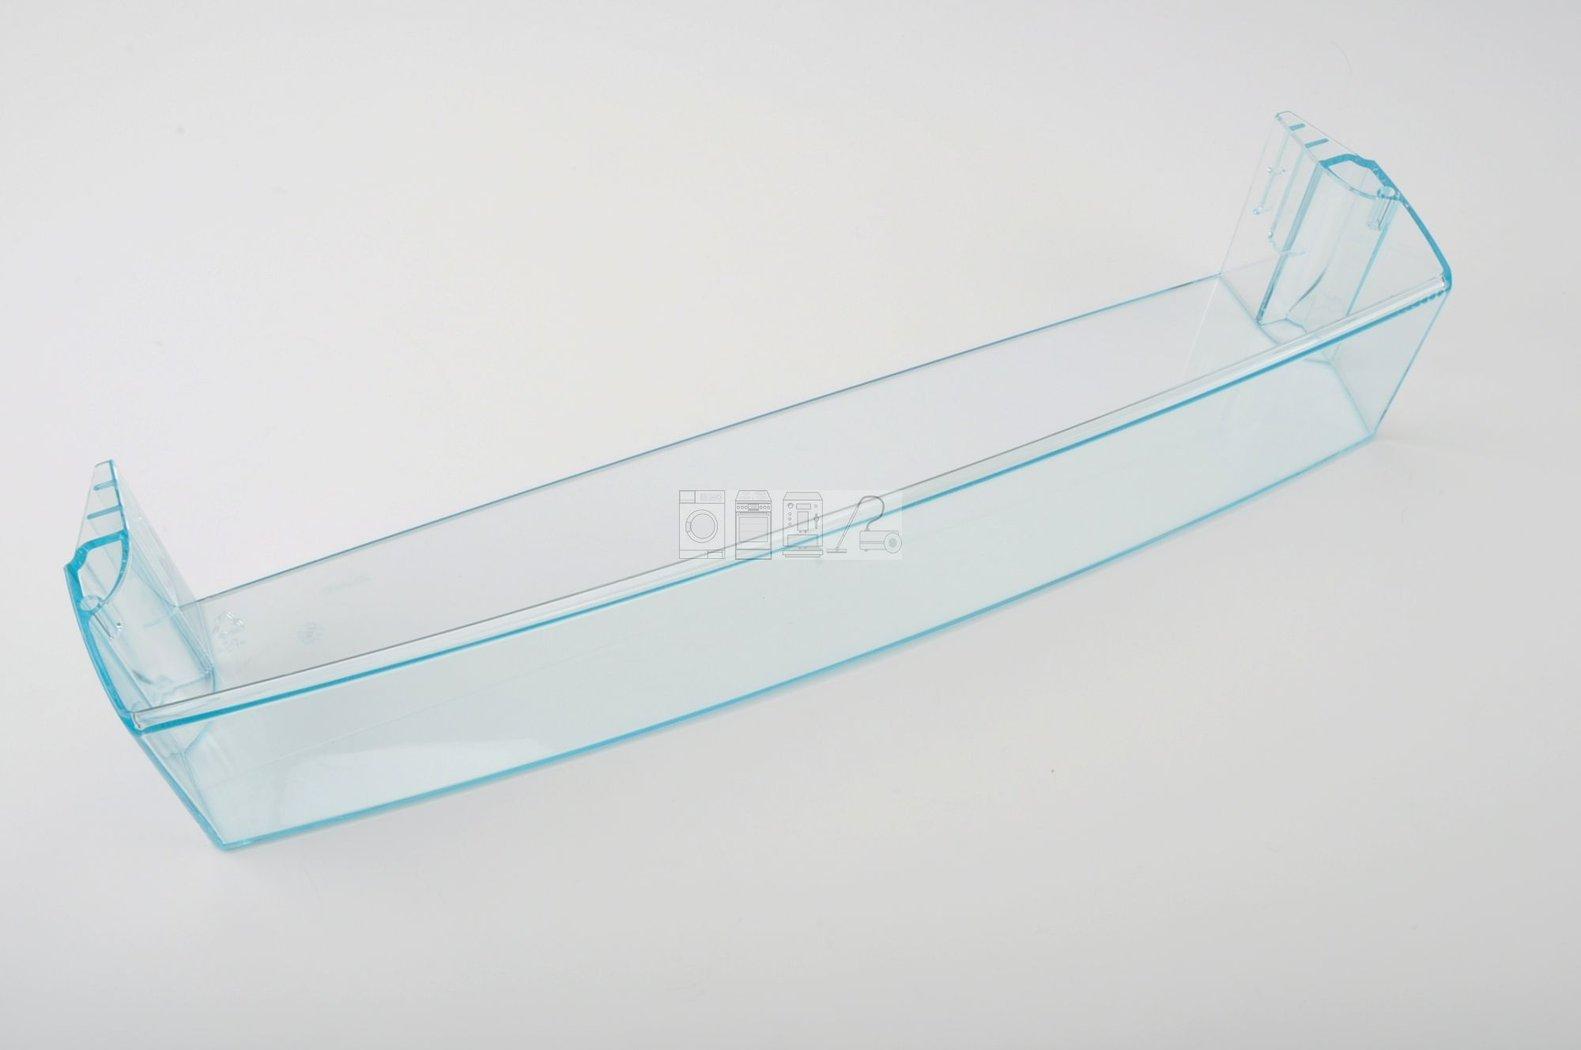 Gorenje Kühlschrank Ersatzteile Türfach : Privileg kühlschrank flaschenfach türfach mm breit